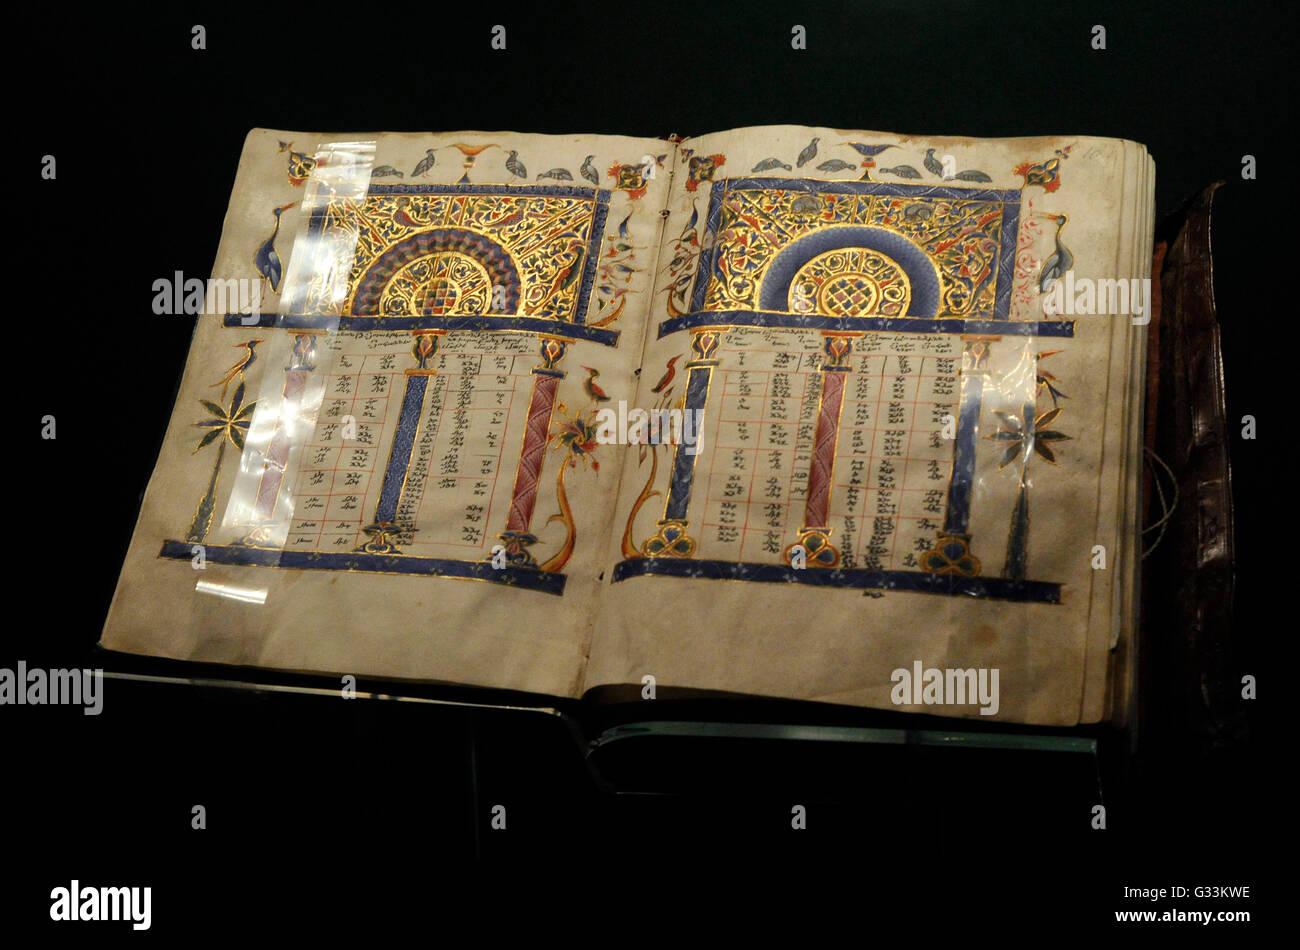 die vier evangelien. pergament, leder, holz, farben, gold, silber